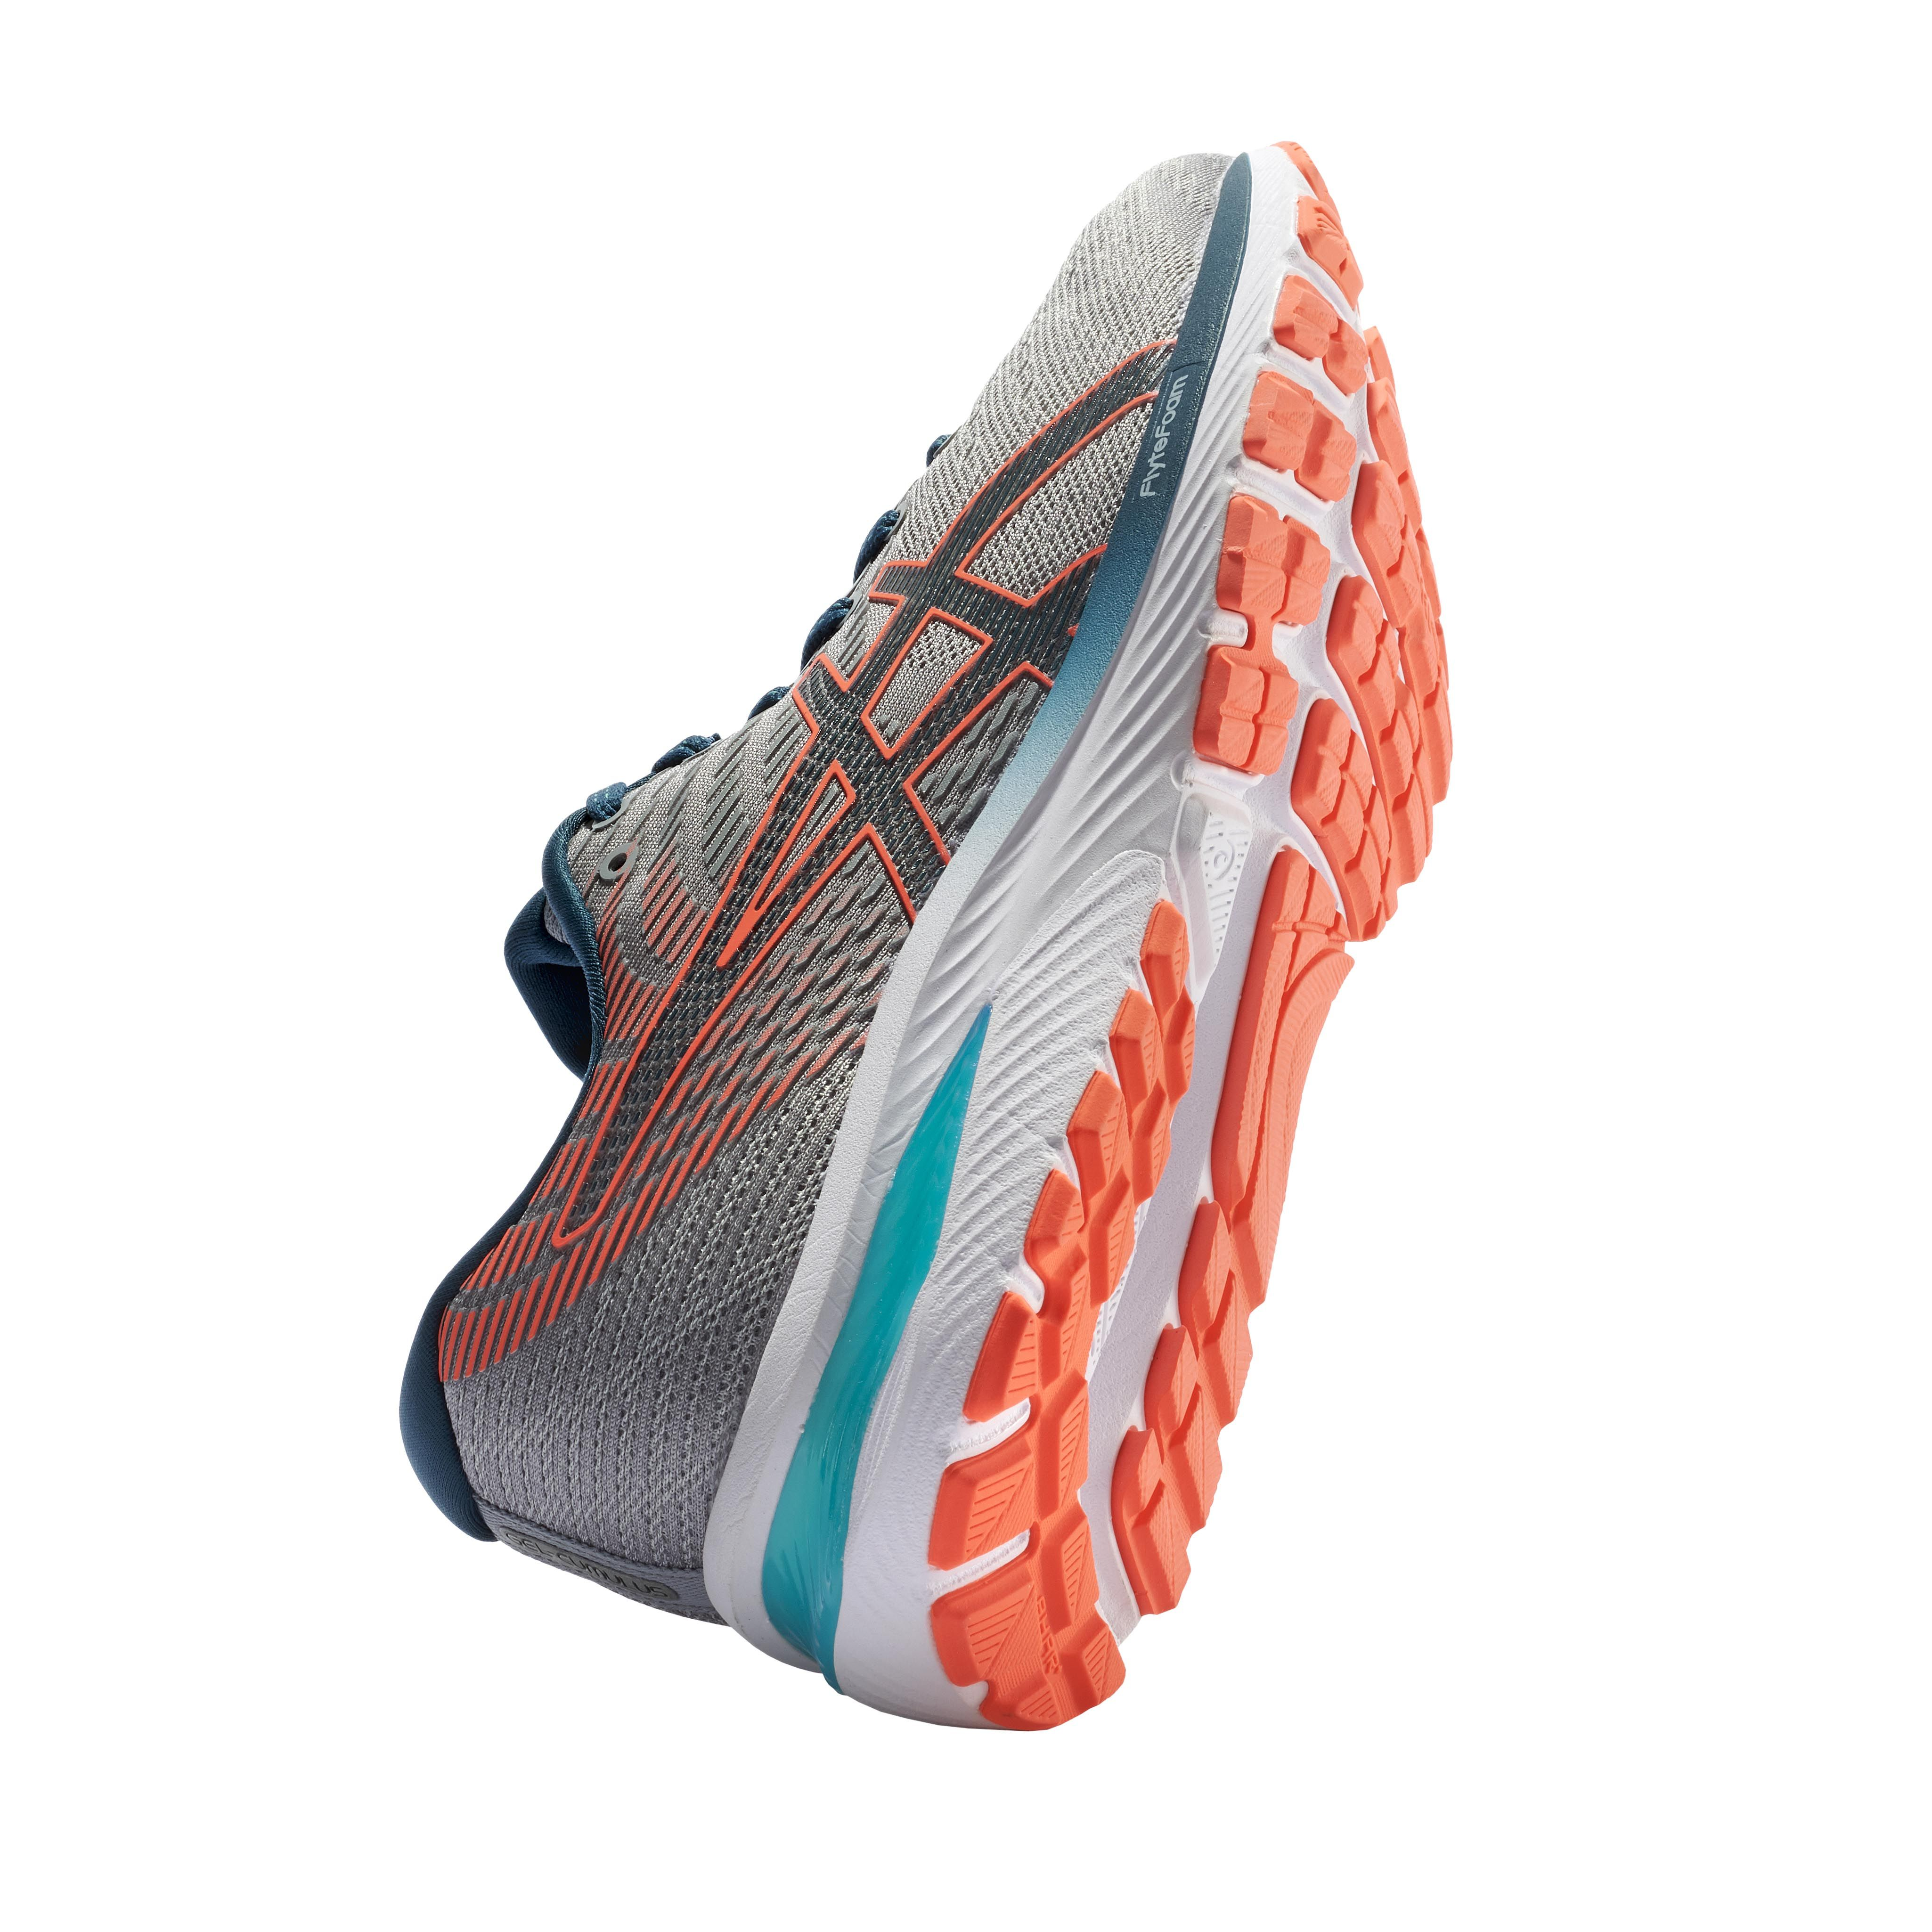 atravesar Borrar Querer  Best running shoes 2020 - Asics Gel Cumulus 22